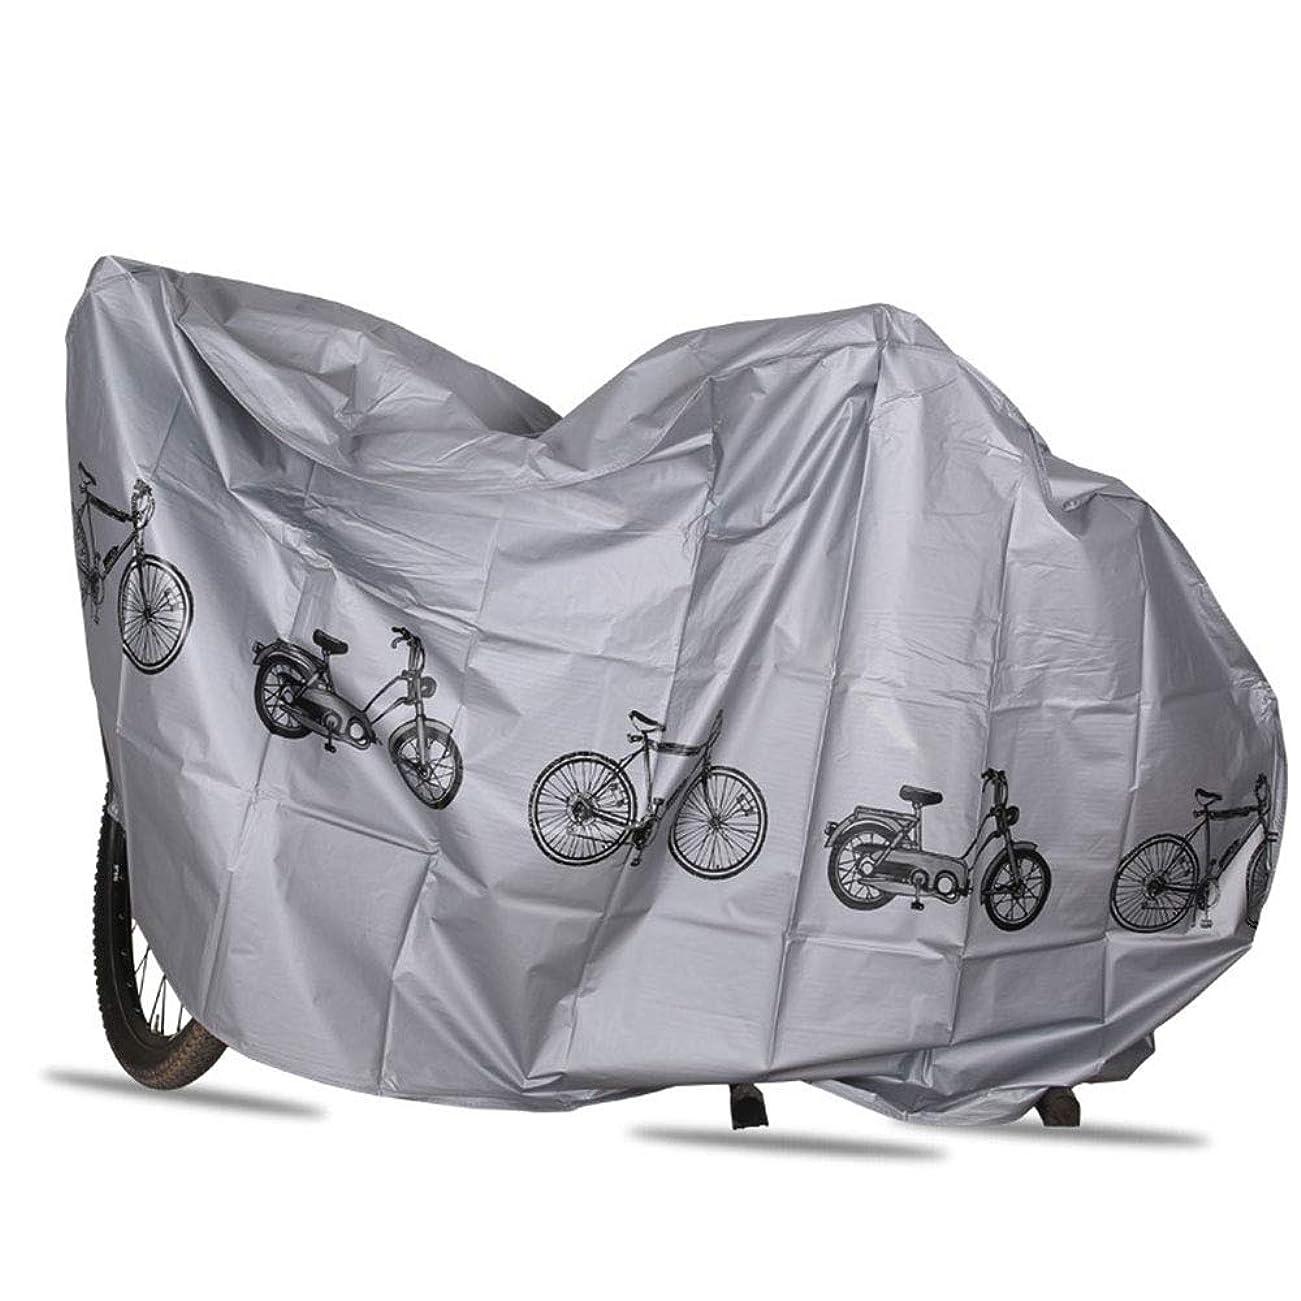 フロンティア訪問東方Leaftree 灰色のポリエステル保護装置の雨カバーが付いている自転車の日よけの耐久の自転車の防雨布